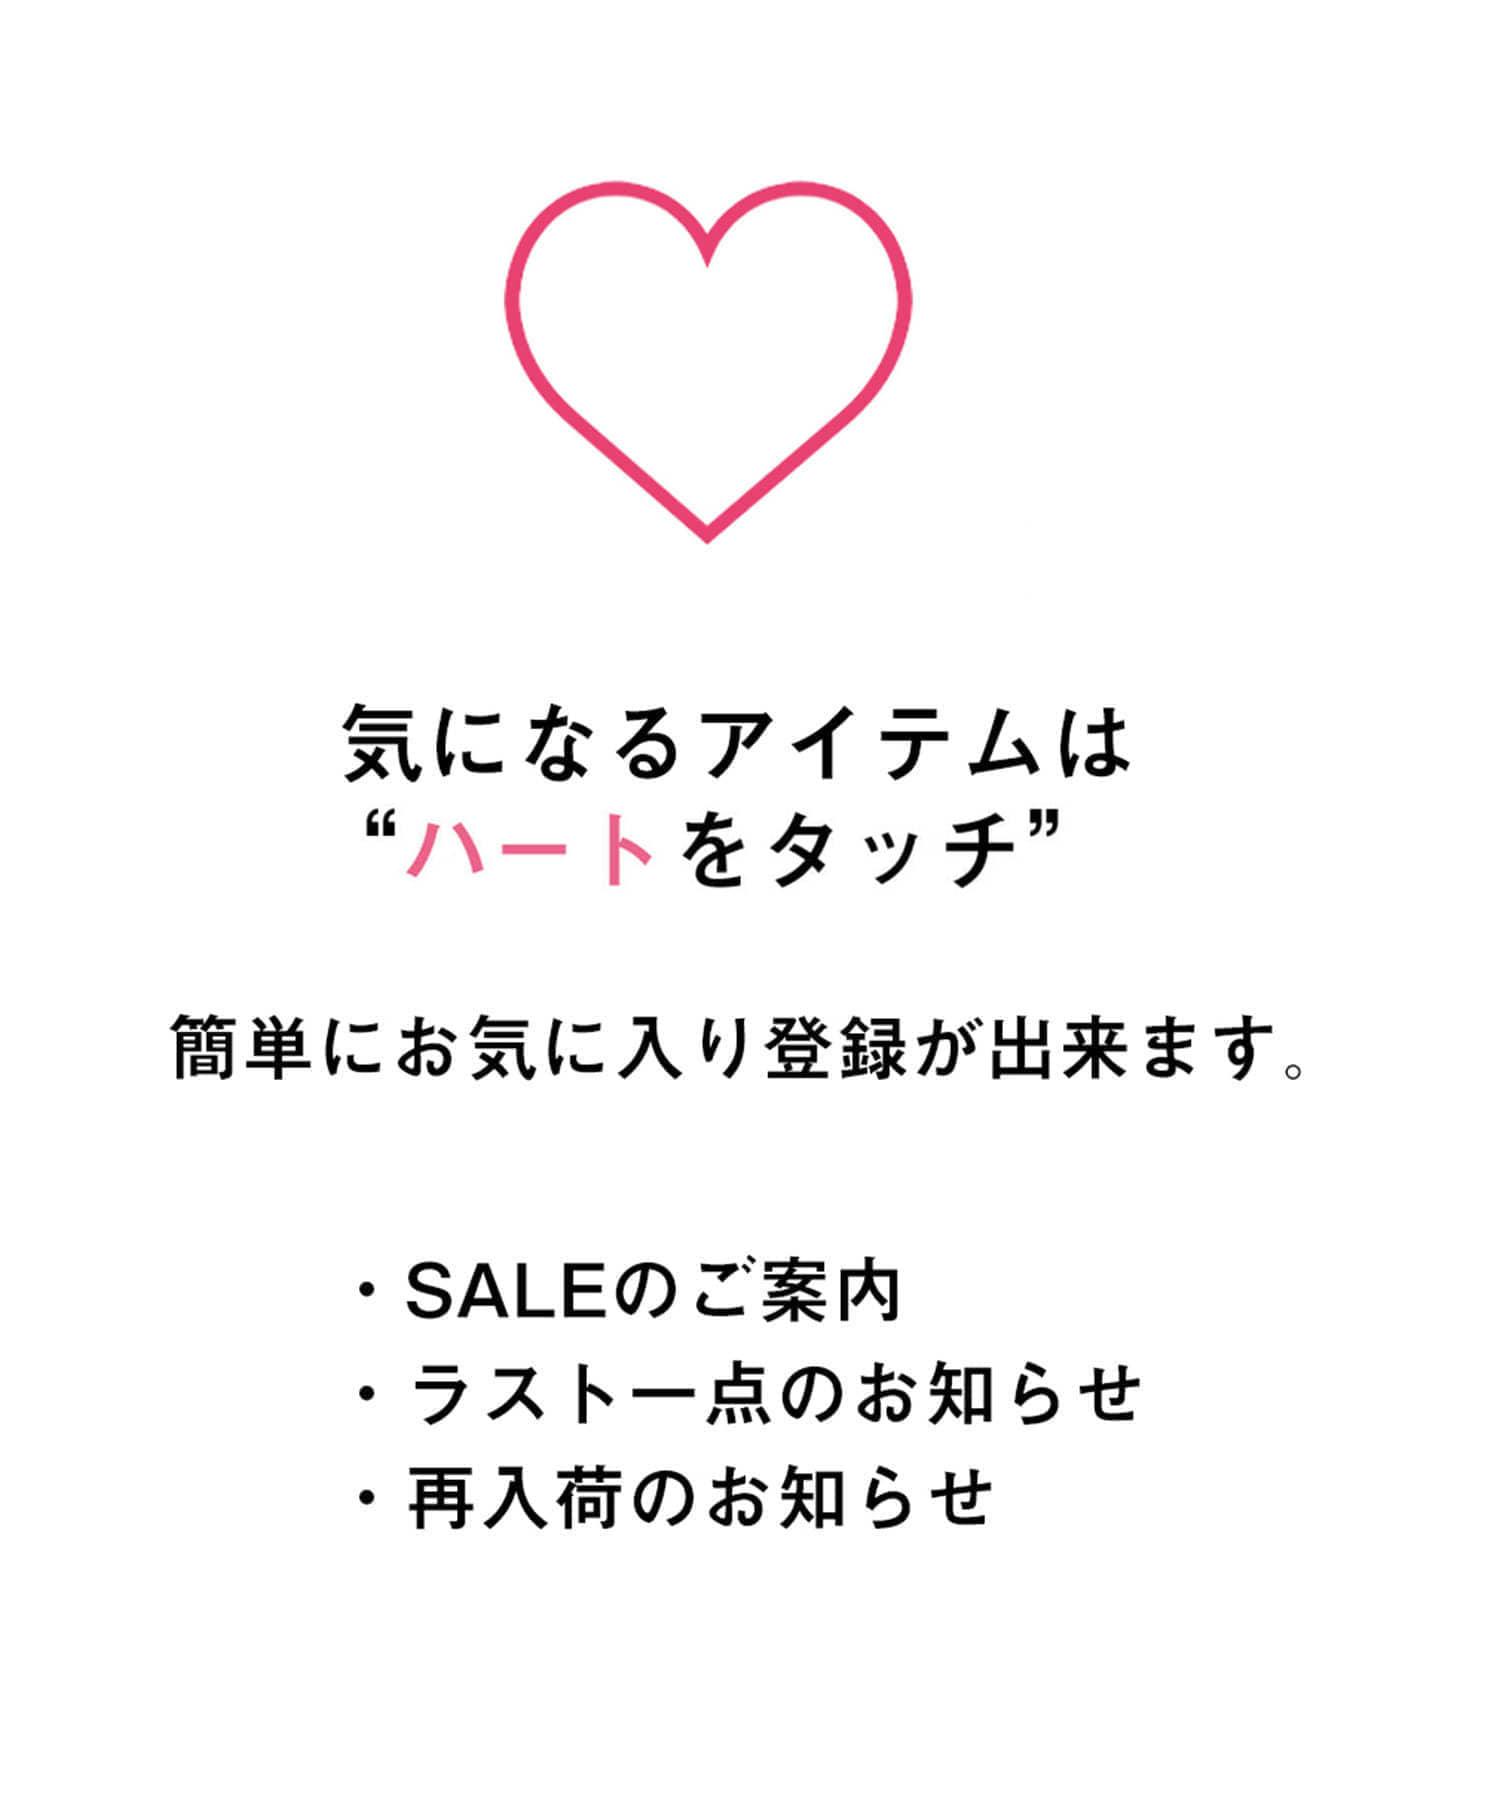 BONbazaar(ボンバザール) 【廣田硝子】昭和モダン 復刻タンブラー 台付き 370N